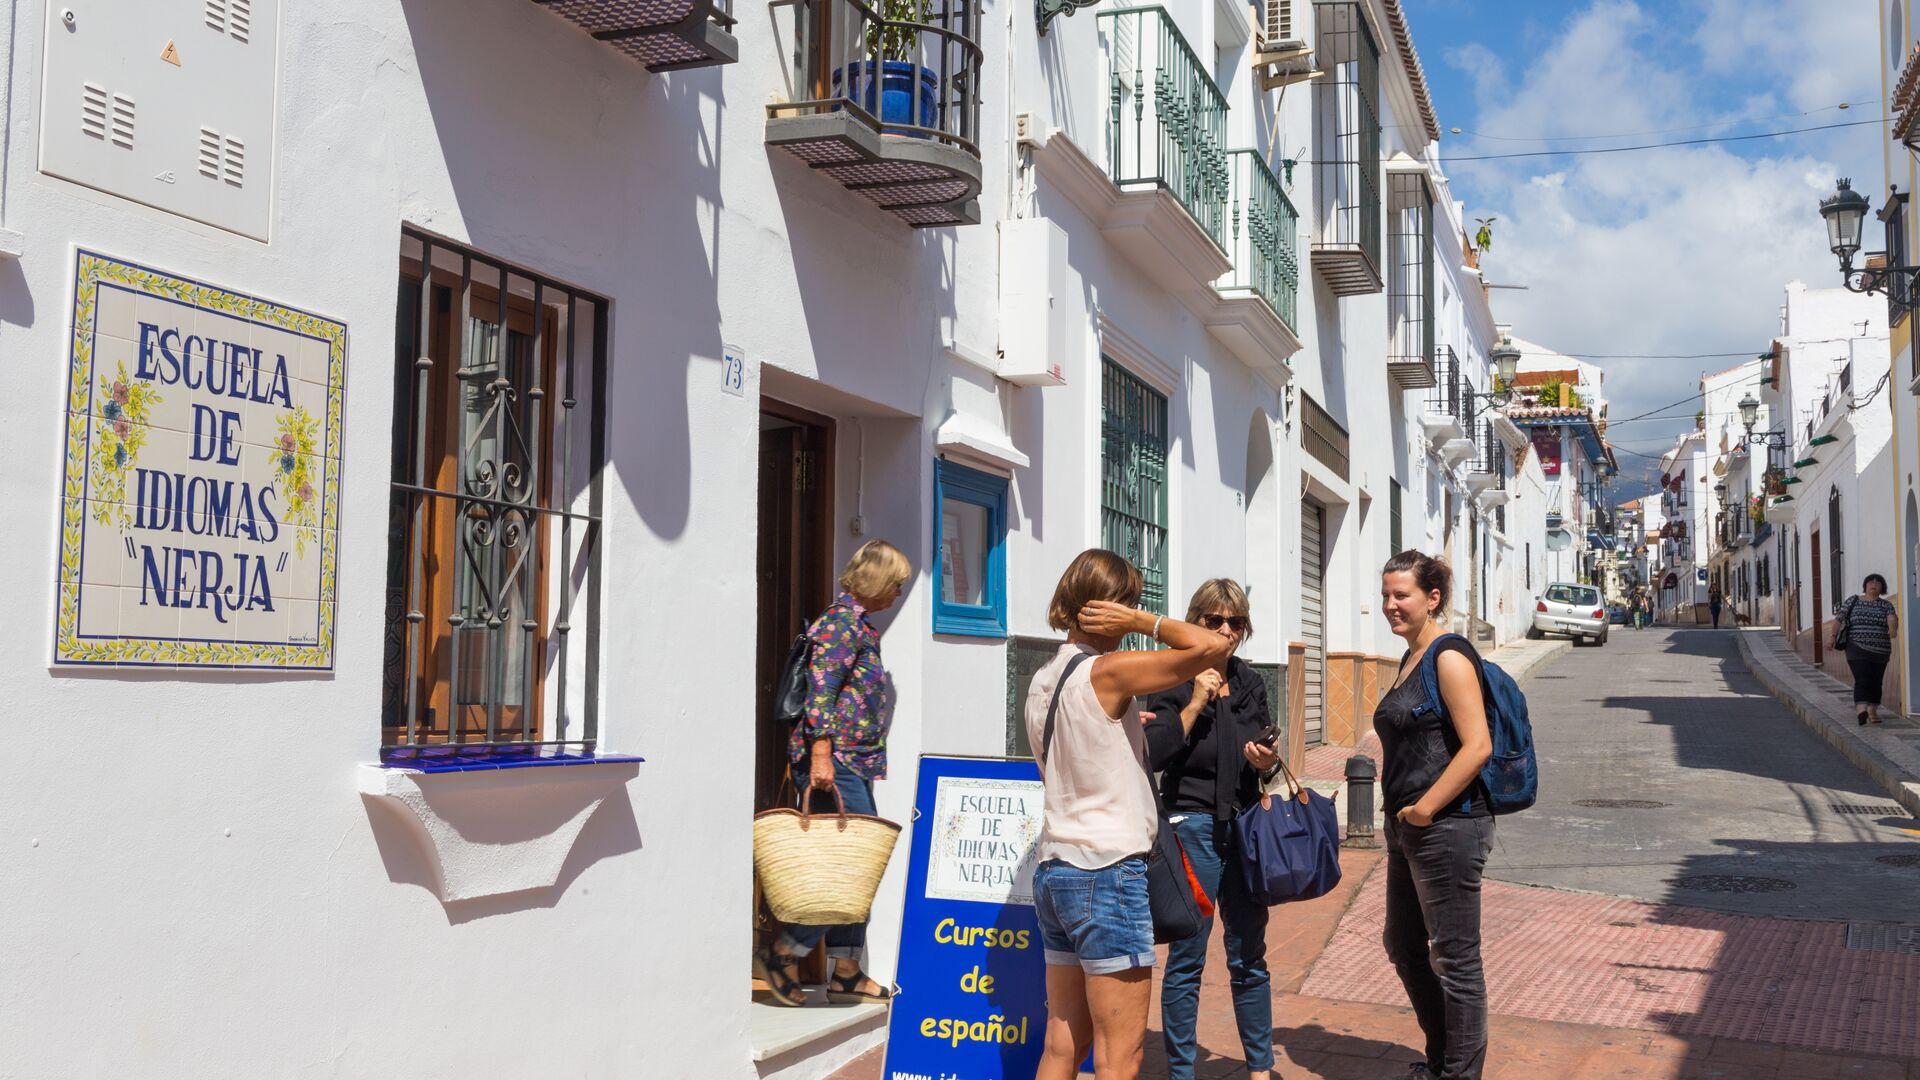 Sprachaufenthalt Sprachreise Spanisch Spanien in Nerja Escouela de Idiomas